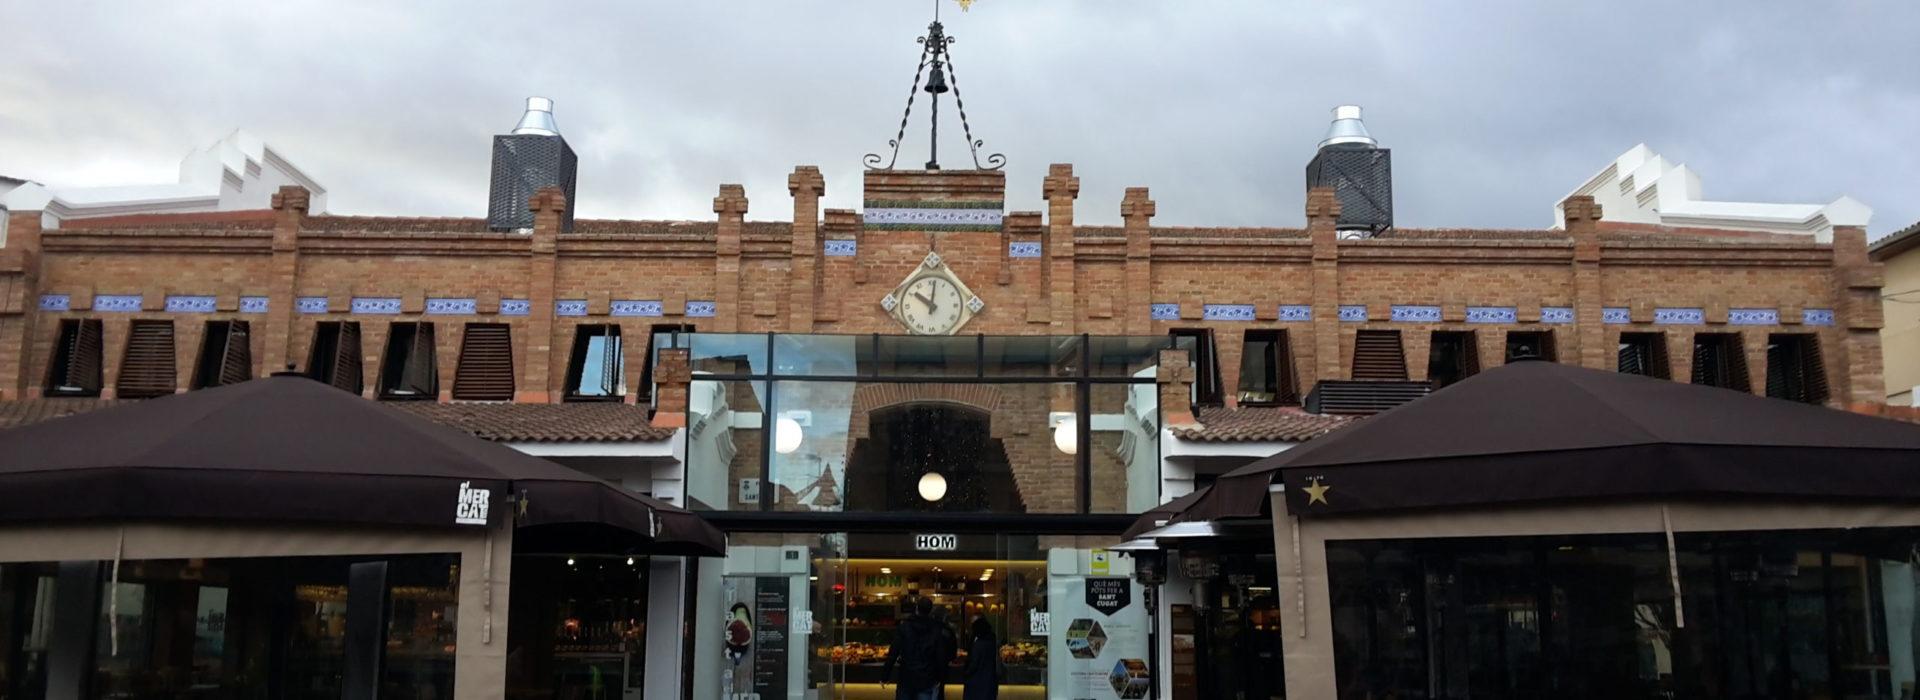 entrée du marché Mercat Vell de Sant Cugat